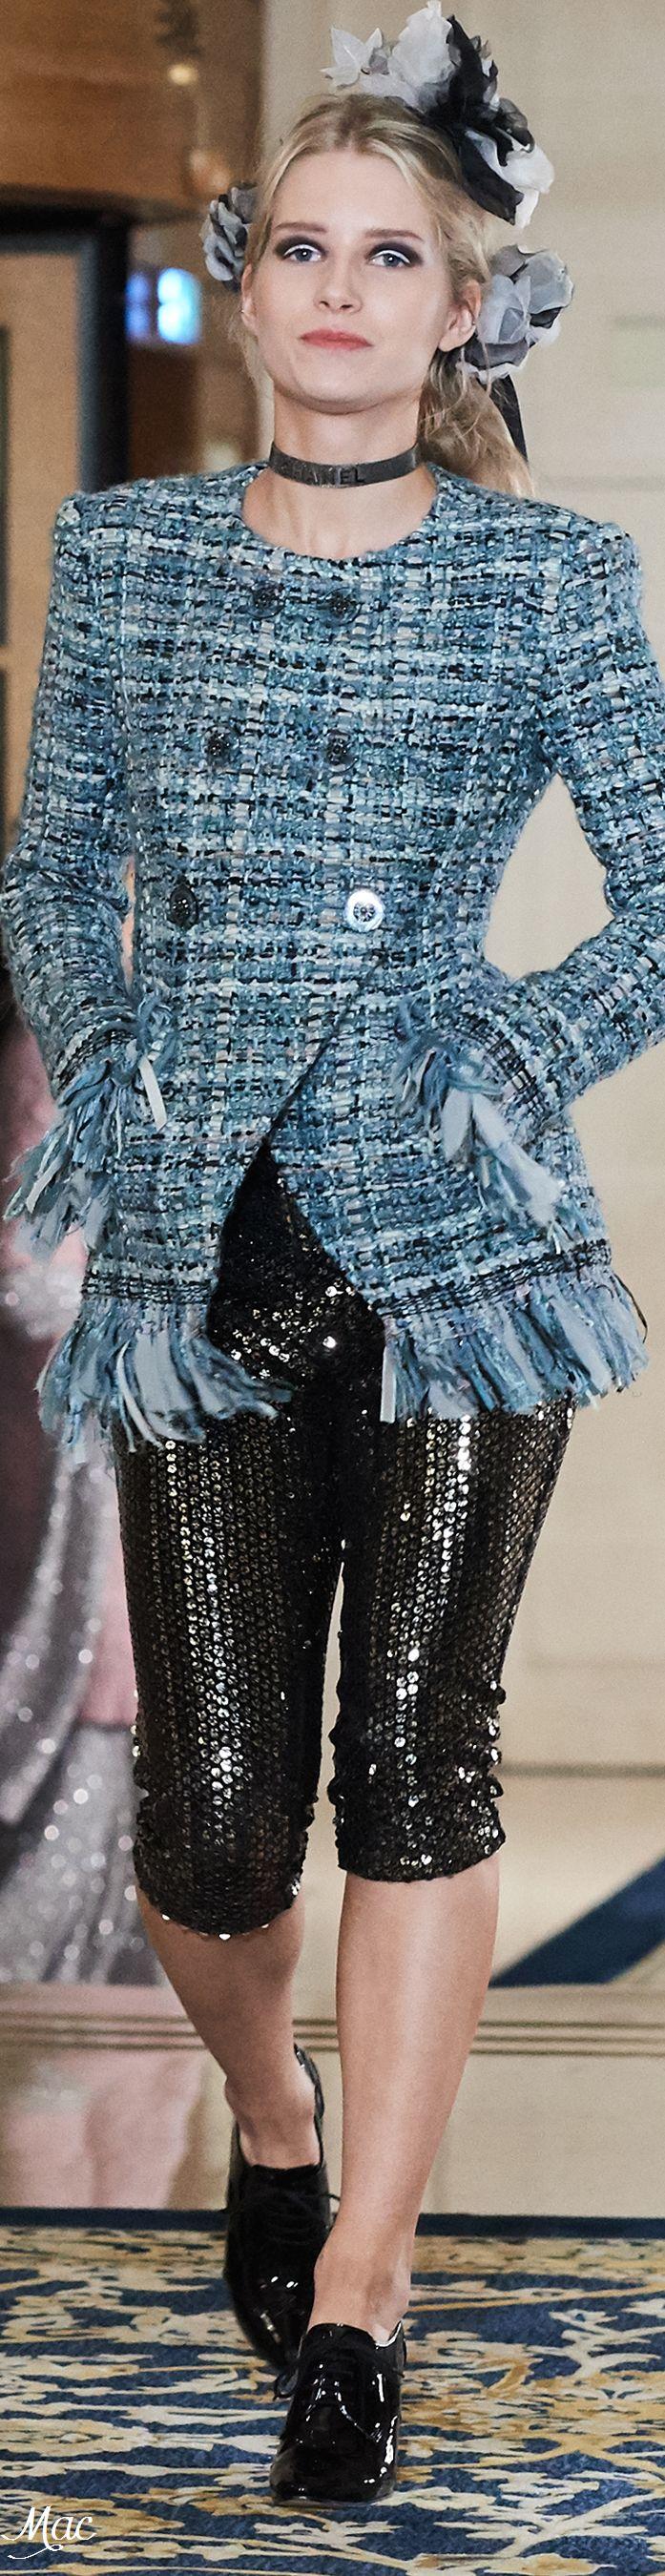 www.2locos.com Pre-Fall 2017 Chanel Metier d'Art .....like the jacket here